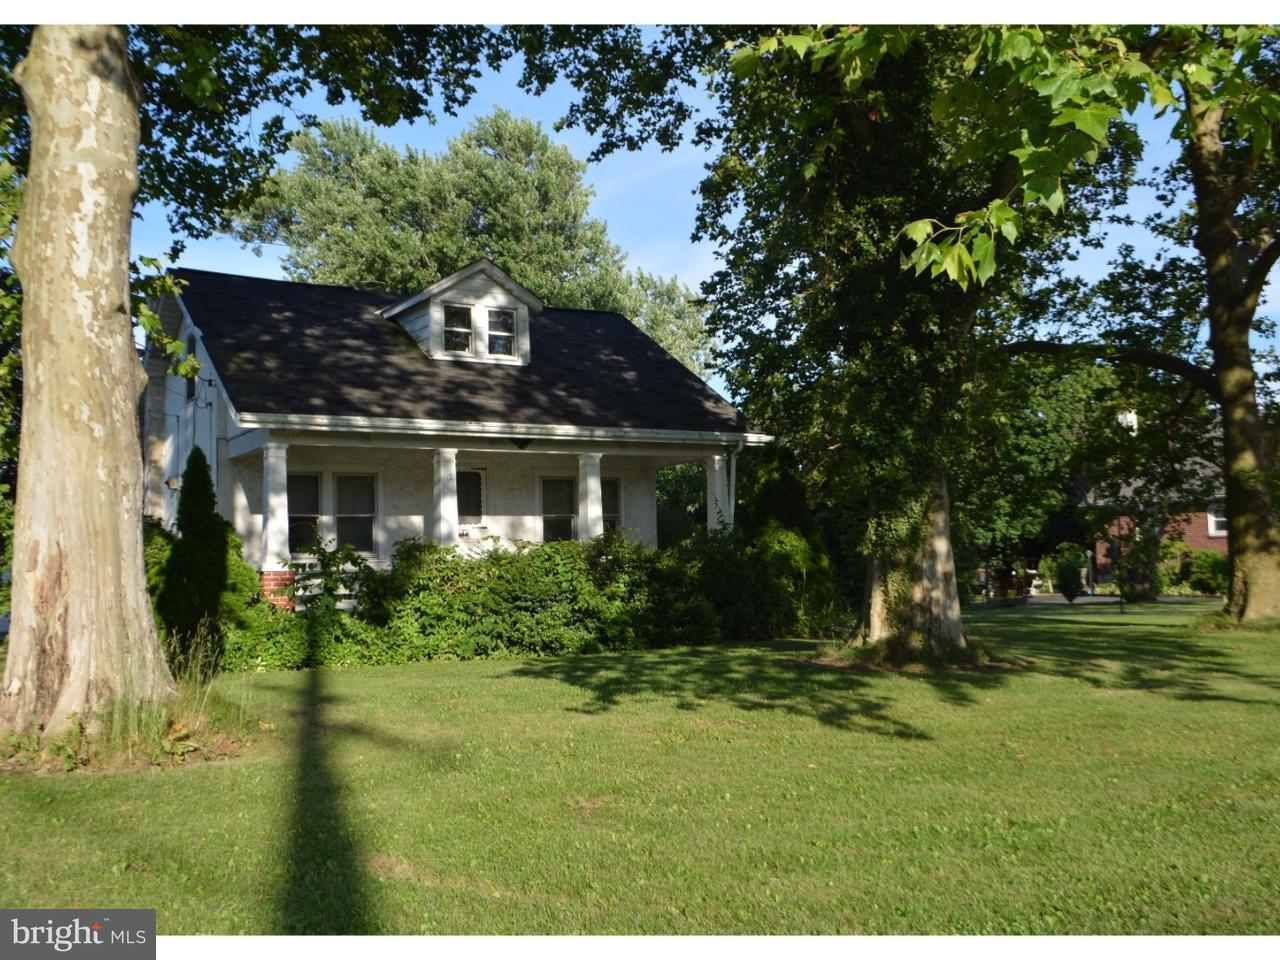 Частный односемейный дом для того Аренда на 2120 POTTSTOWN PIKE Pottstown, Пенсильвания 19465 Соединенные Штаты